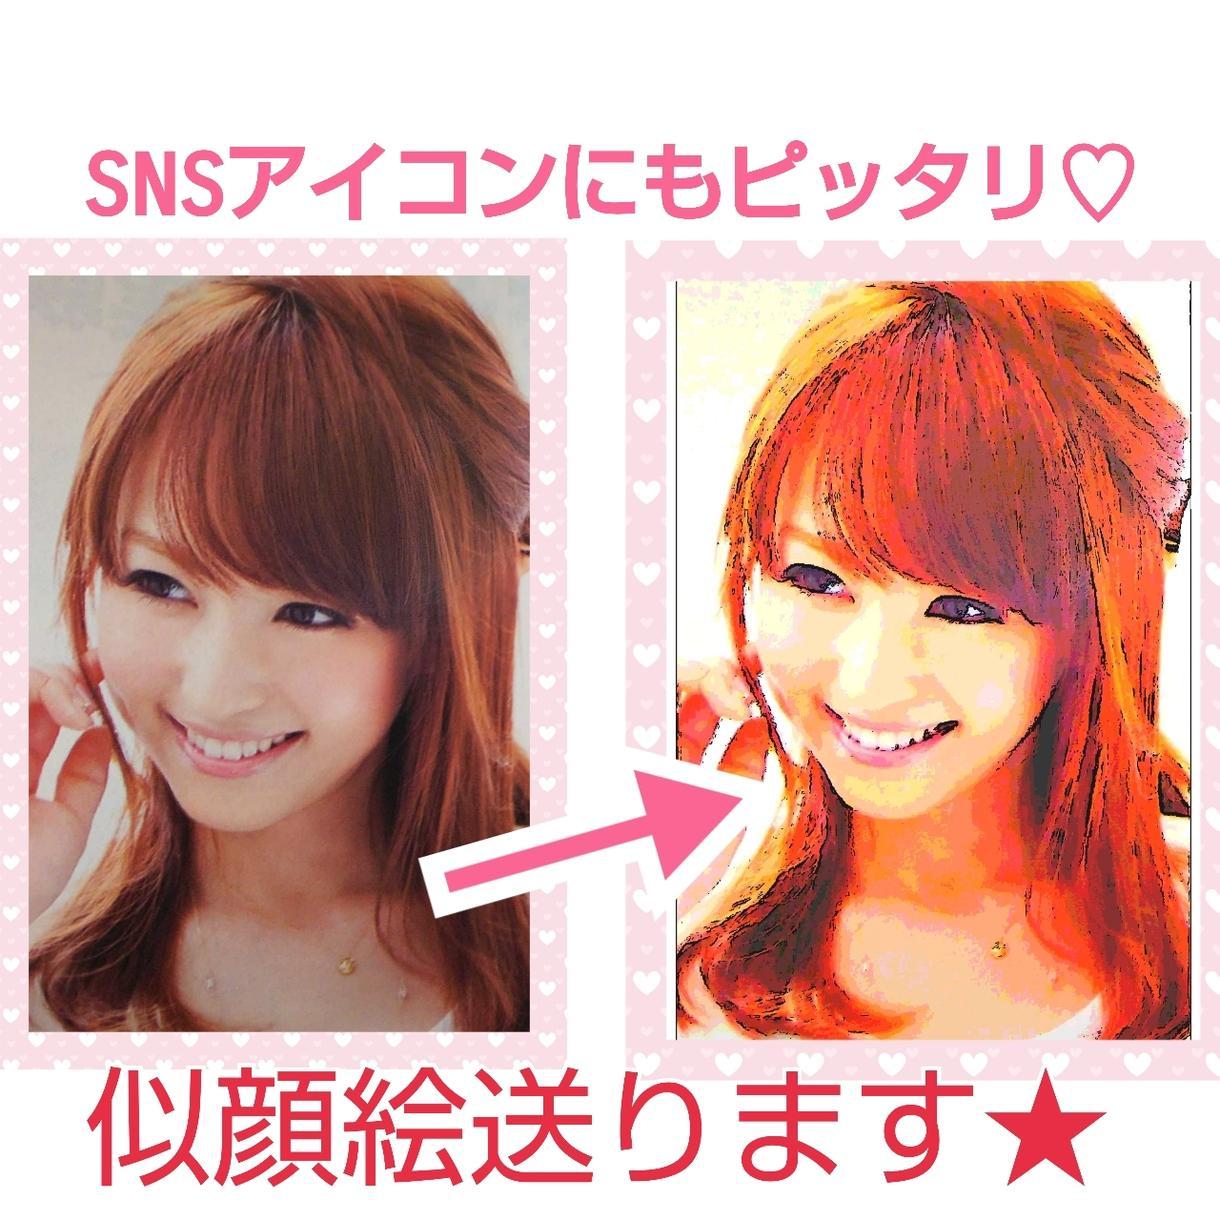 似顔絵画像お作りします ★SNS・アイコン・プロフィール画像にピッタリ!